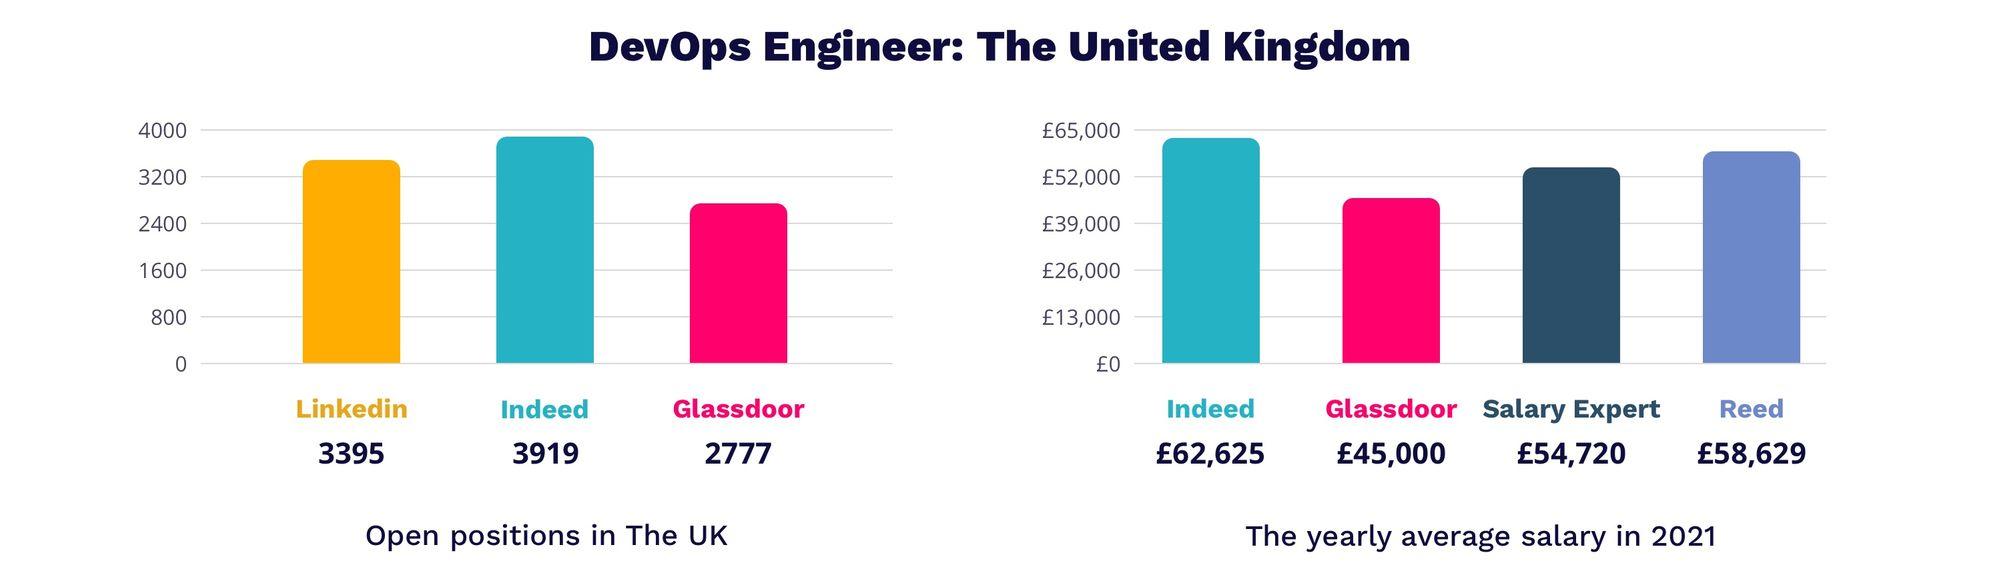 DevOps Engineer salary in UK 2021   MagicHire.co